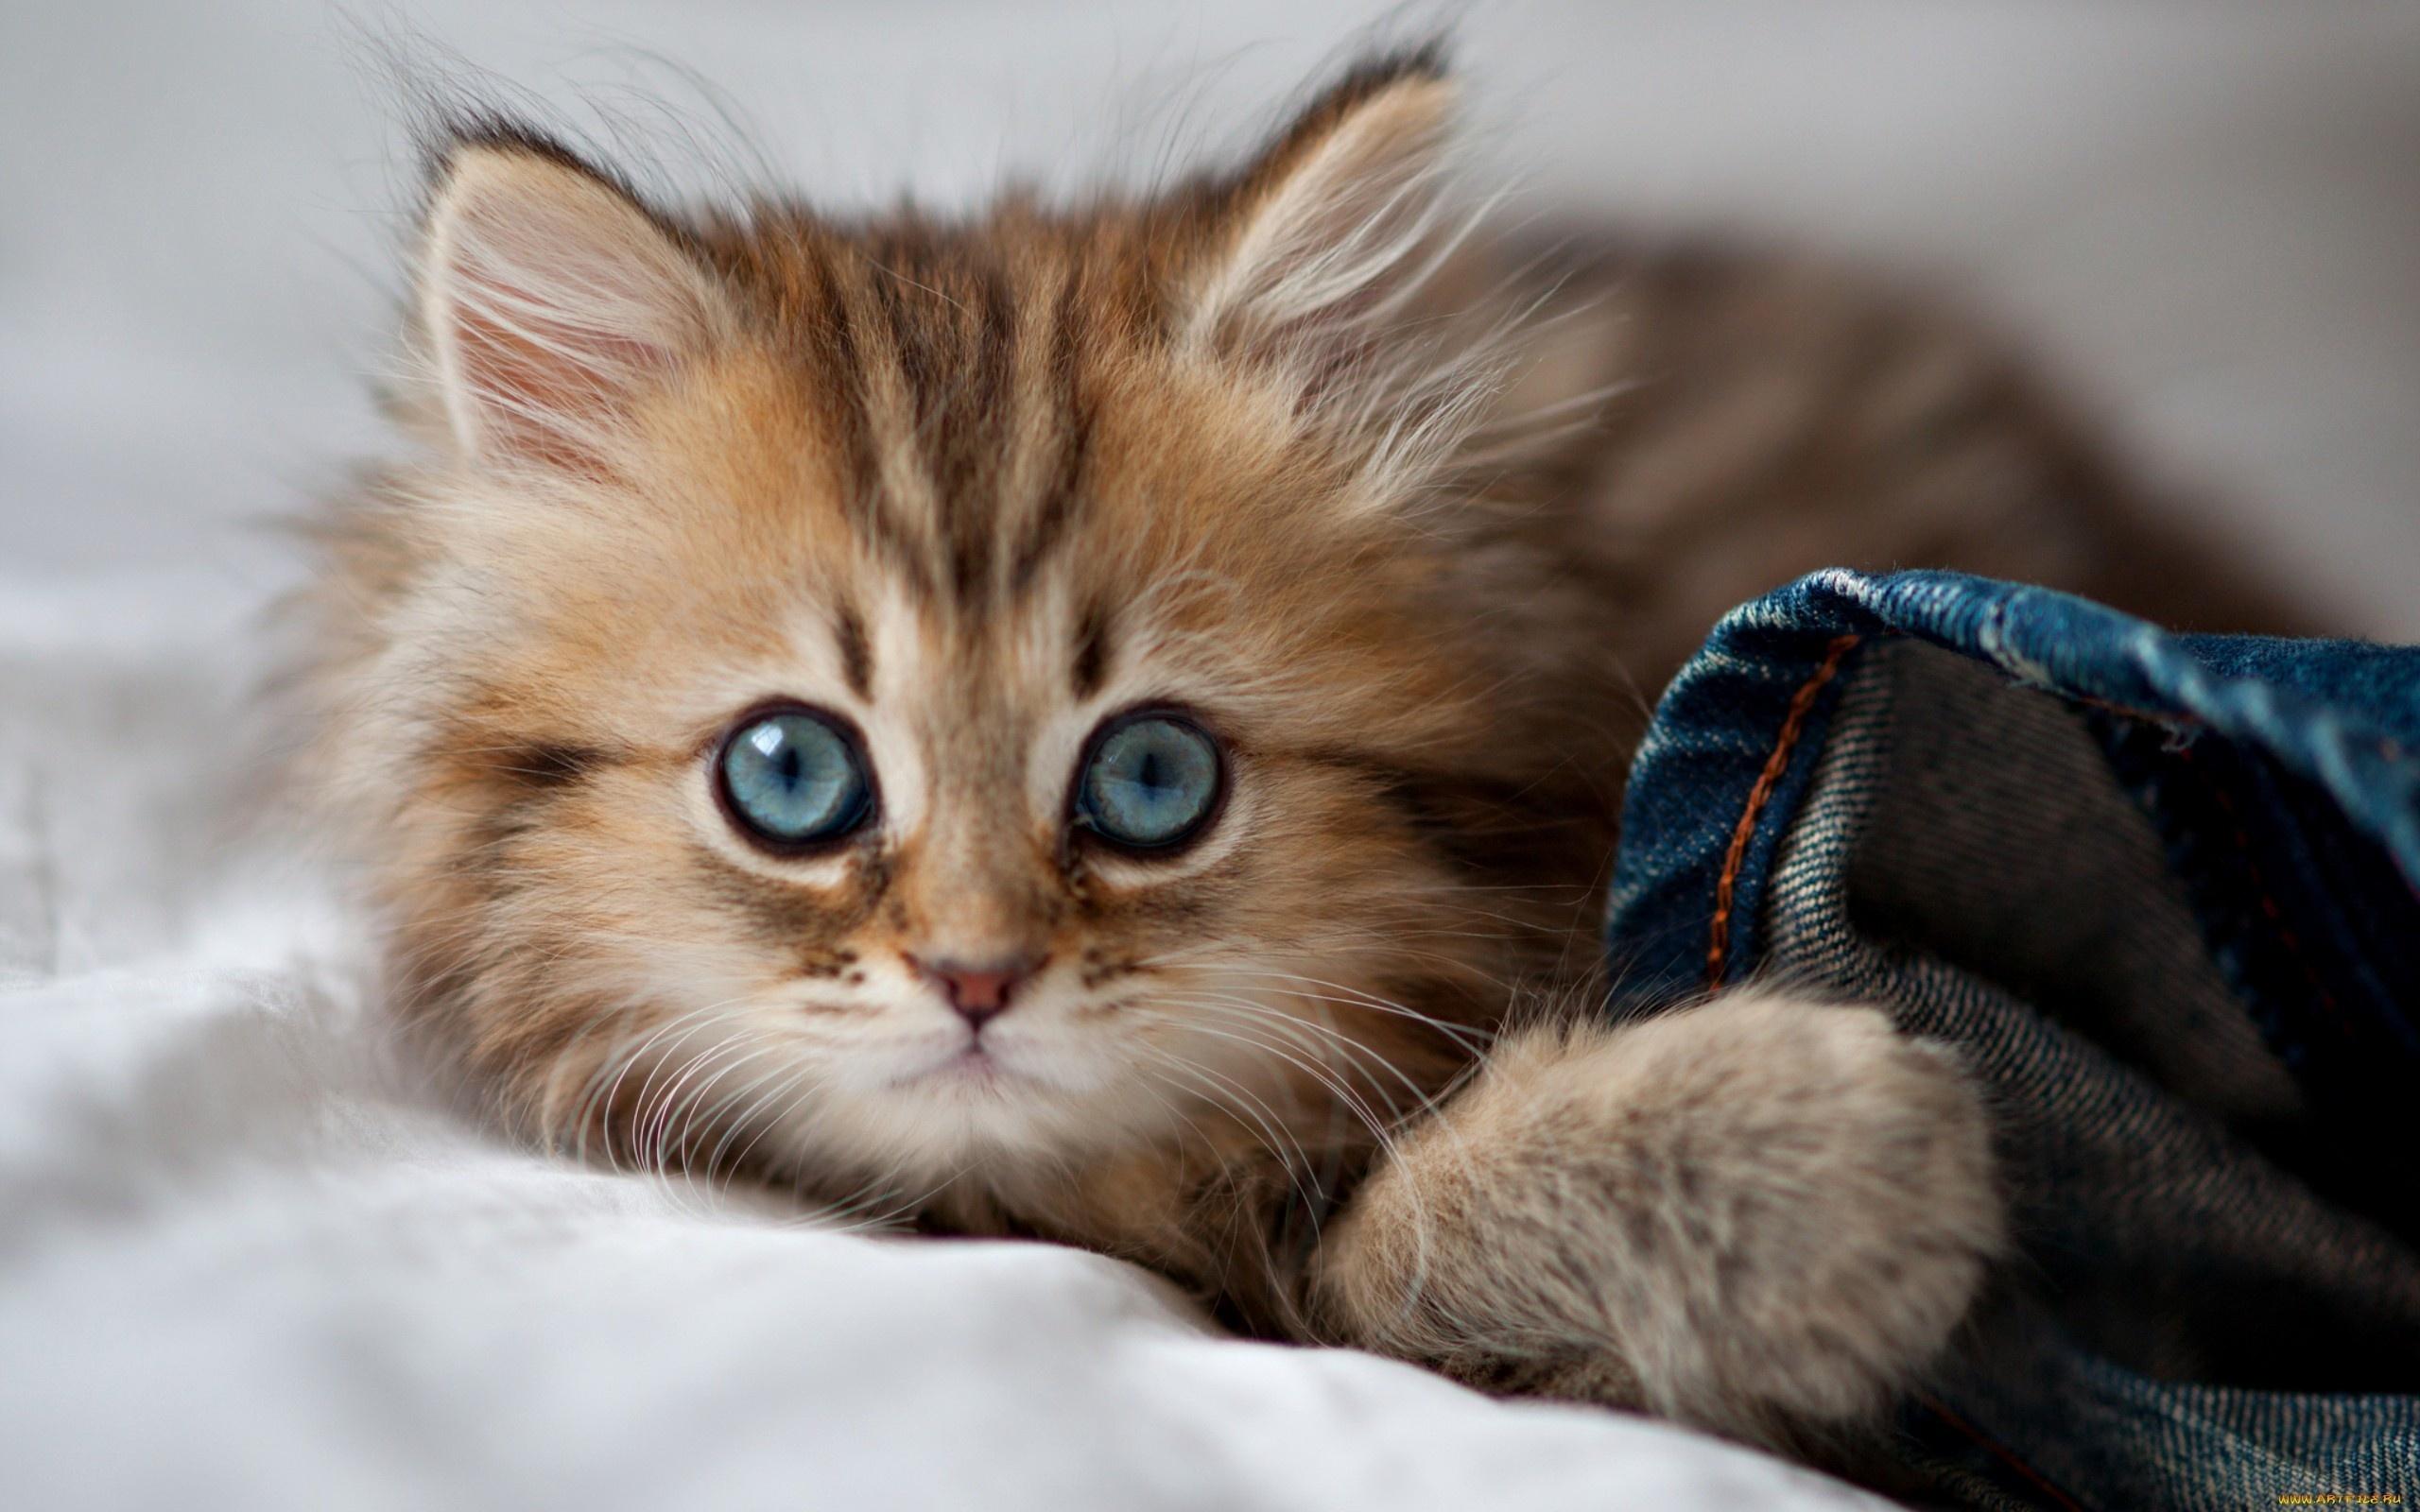 Дню бухгалтера, картинка котят смешных